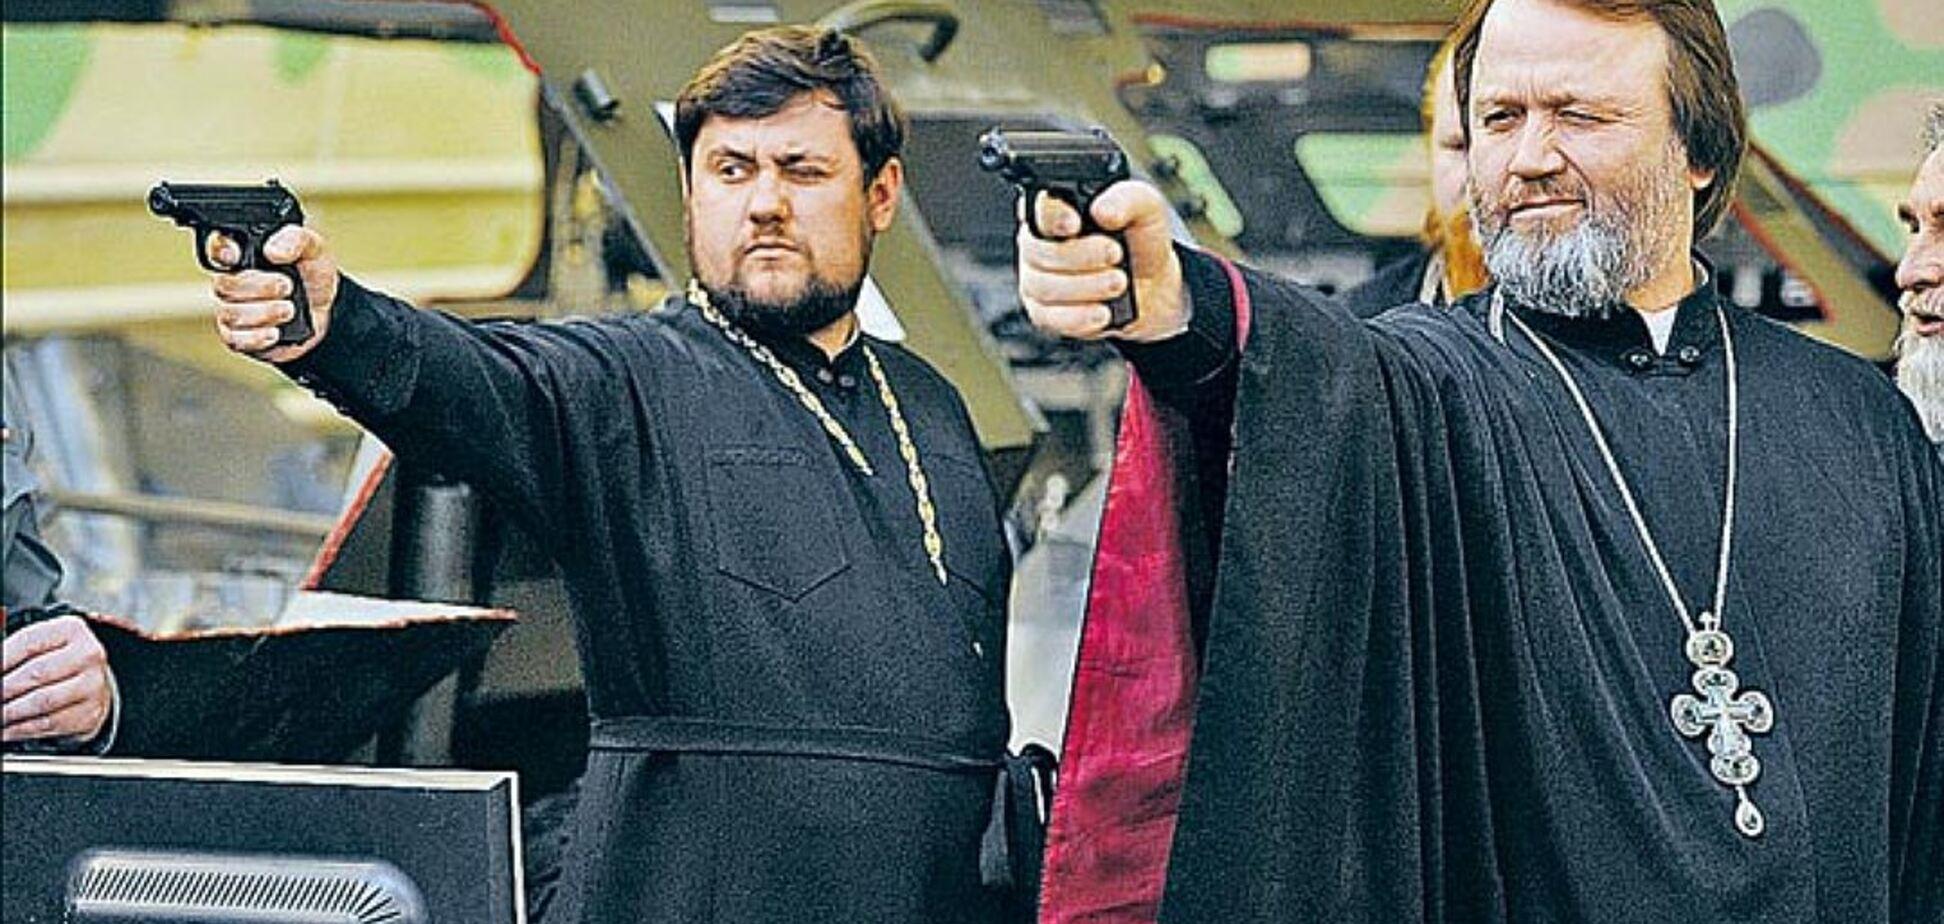 ДТП с вооруженным священником: стало известно, лишат ли его сана